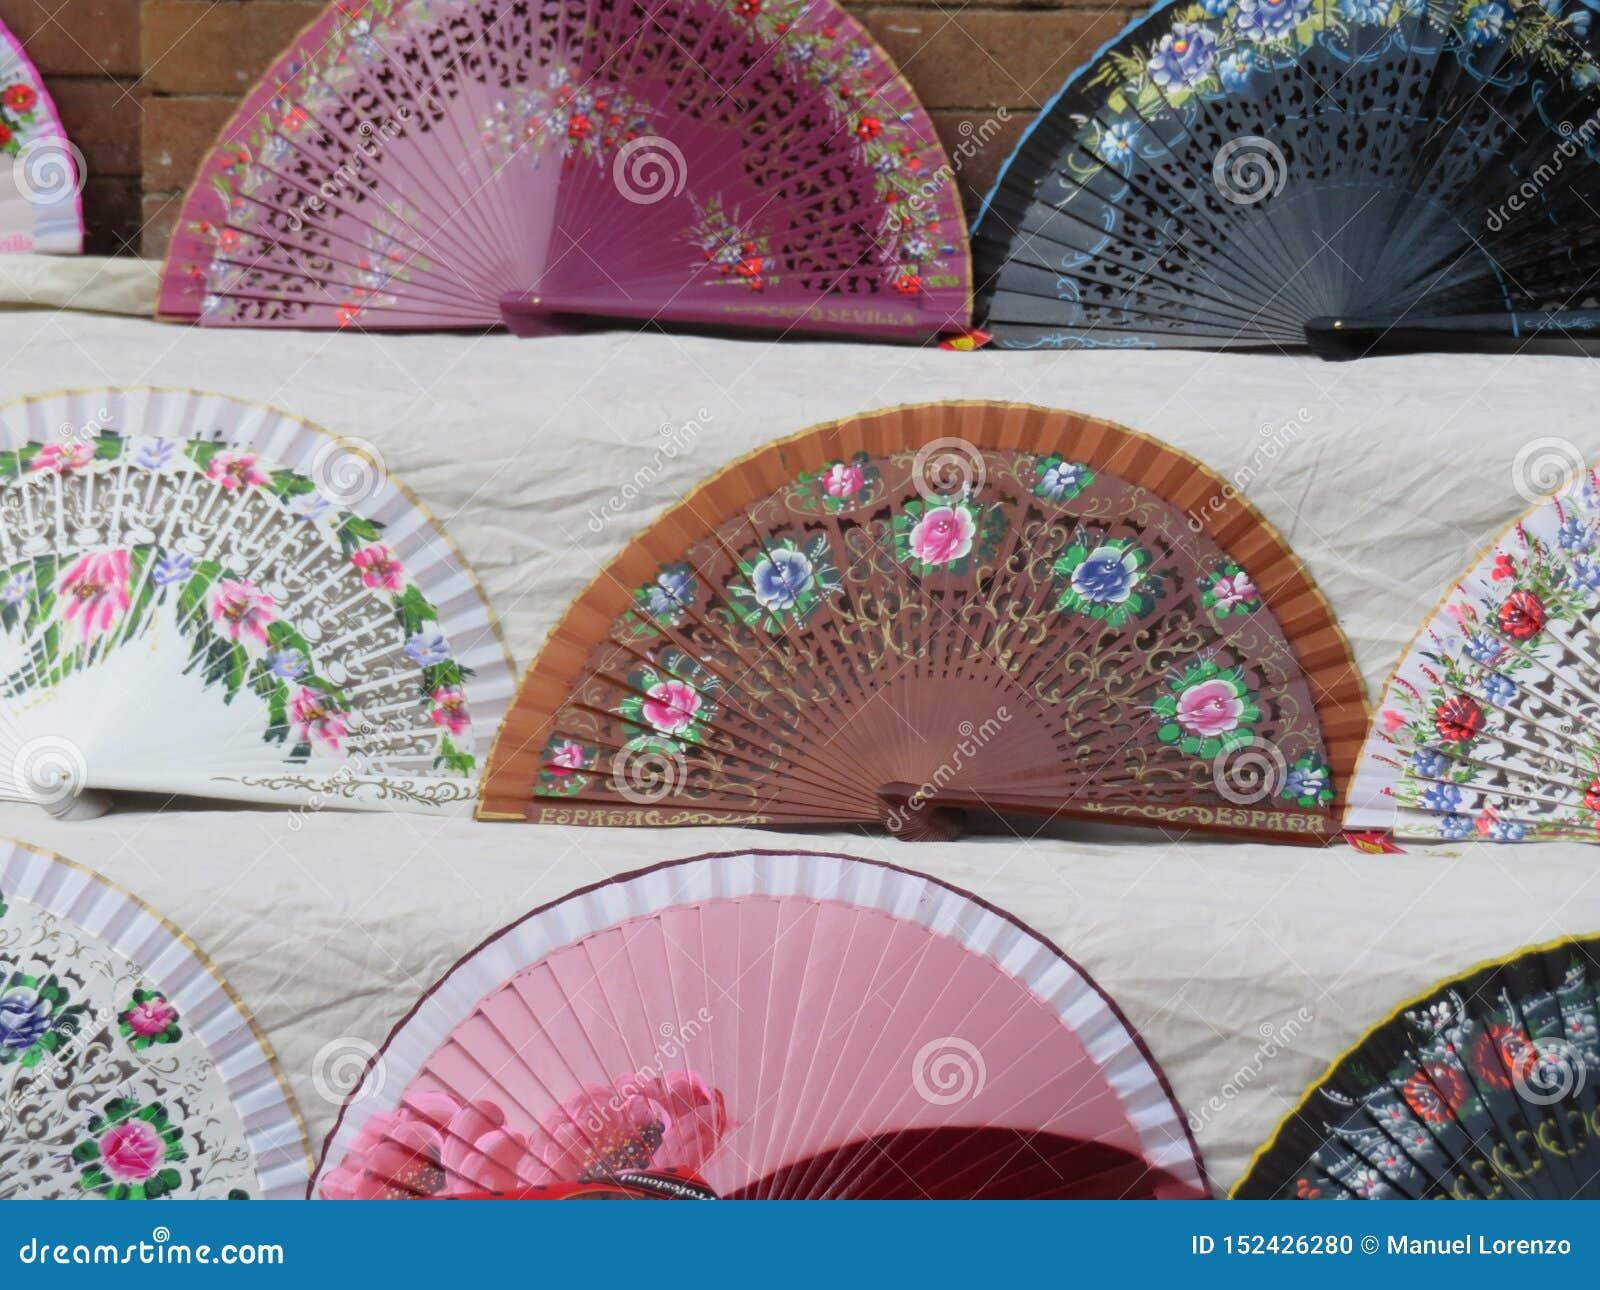 Fans típicas hermosas para refrescar el aire y el calor del verano